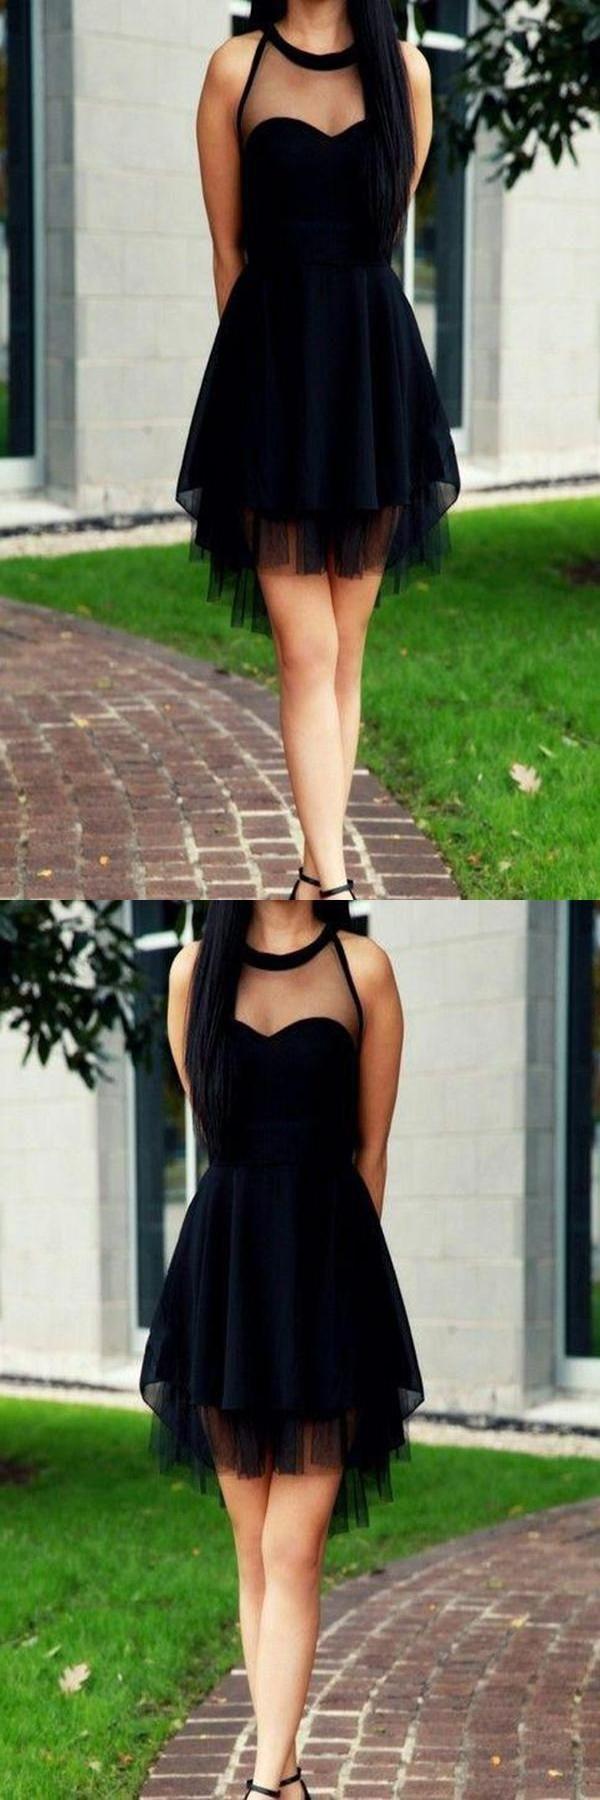 Outlet appealing short prom dresses prom dresses black lindo